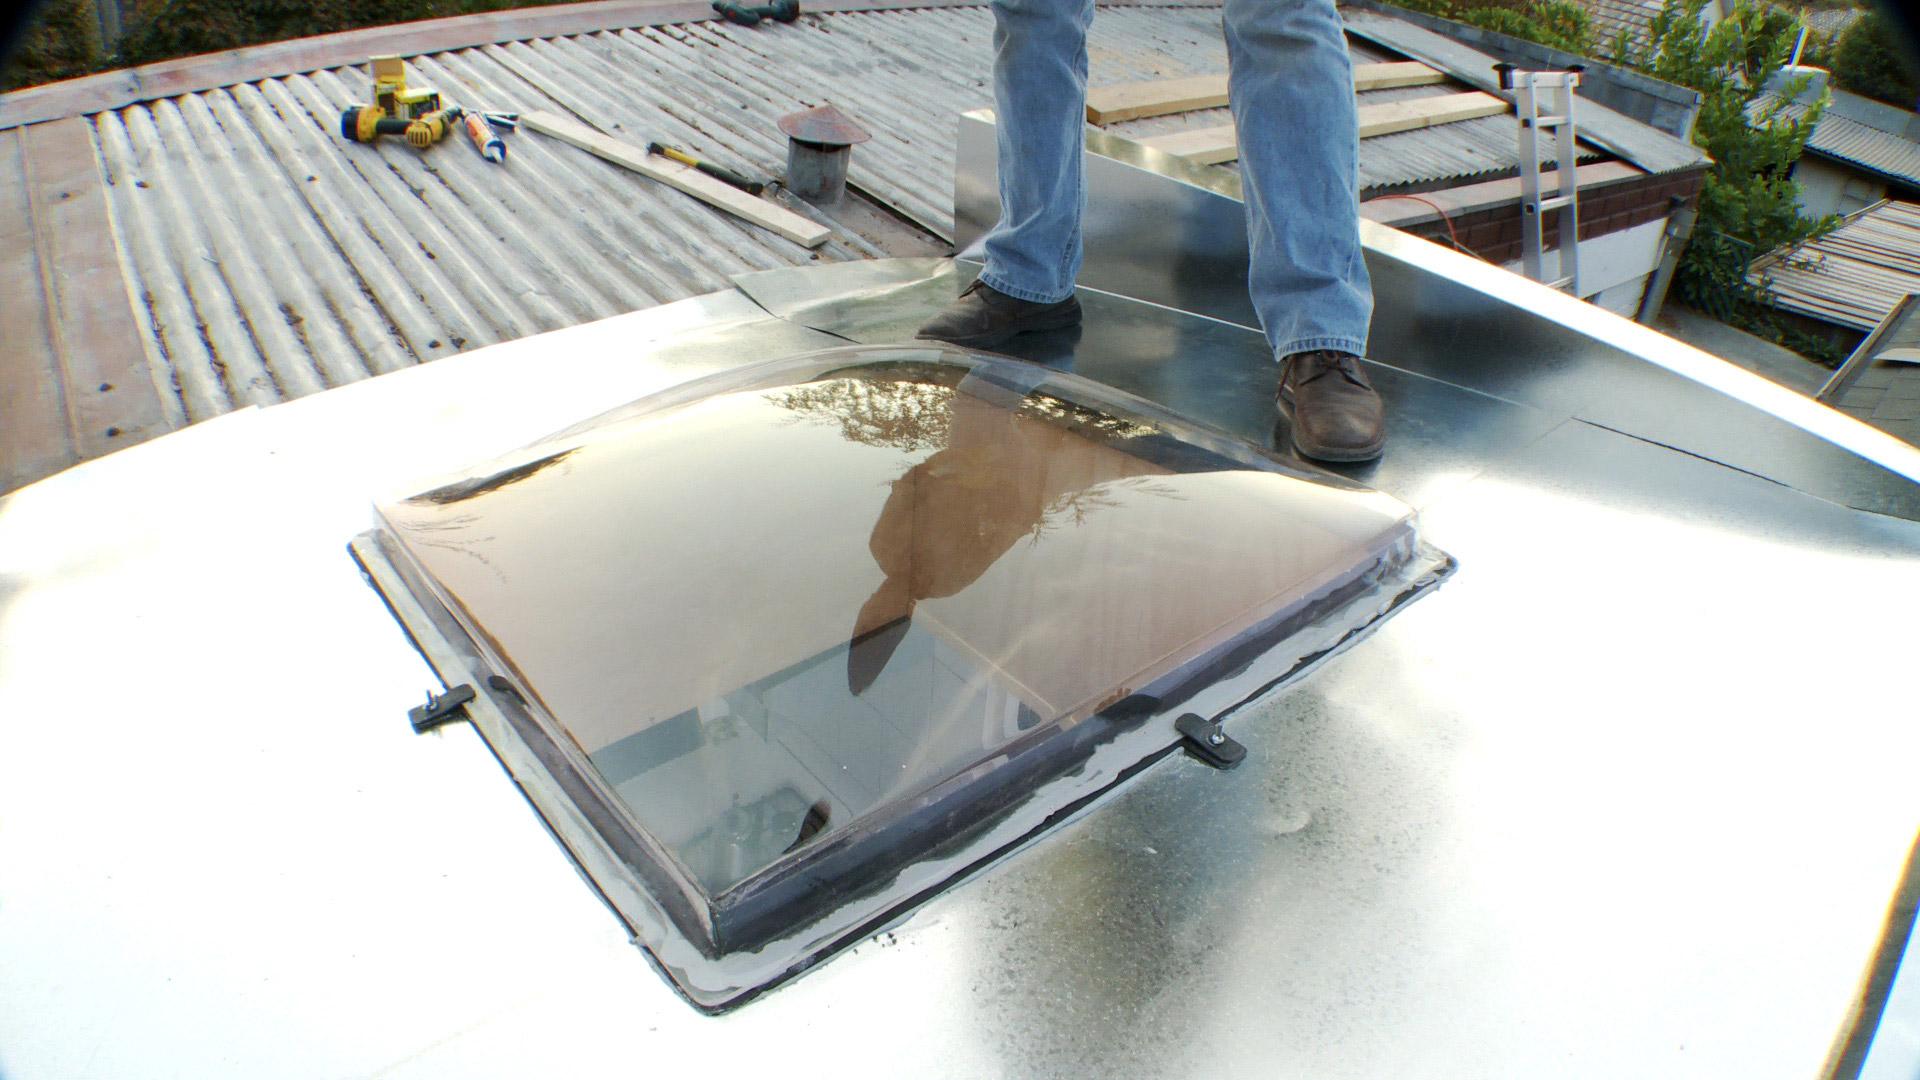 Cuando una habitación de la casa recibe poca luz, obligatoriamente tenemos que gastar más electricidad en las lámparas encendidas. Pero no sólo eso, también recibe menos calor, por lo que seguramente será una pieza más fría. Además hay un factor anímico, ya que la luz solar nos da energía, mientras que los lugares sombríos suelen ser tristes. Por eso la alternativa de instalar en el techo un tragaluz o una cúpula transparente puede ser una solución muy adecuada, si queremos recibir más sol, luz y calor.